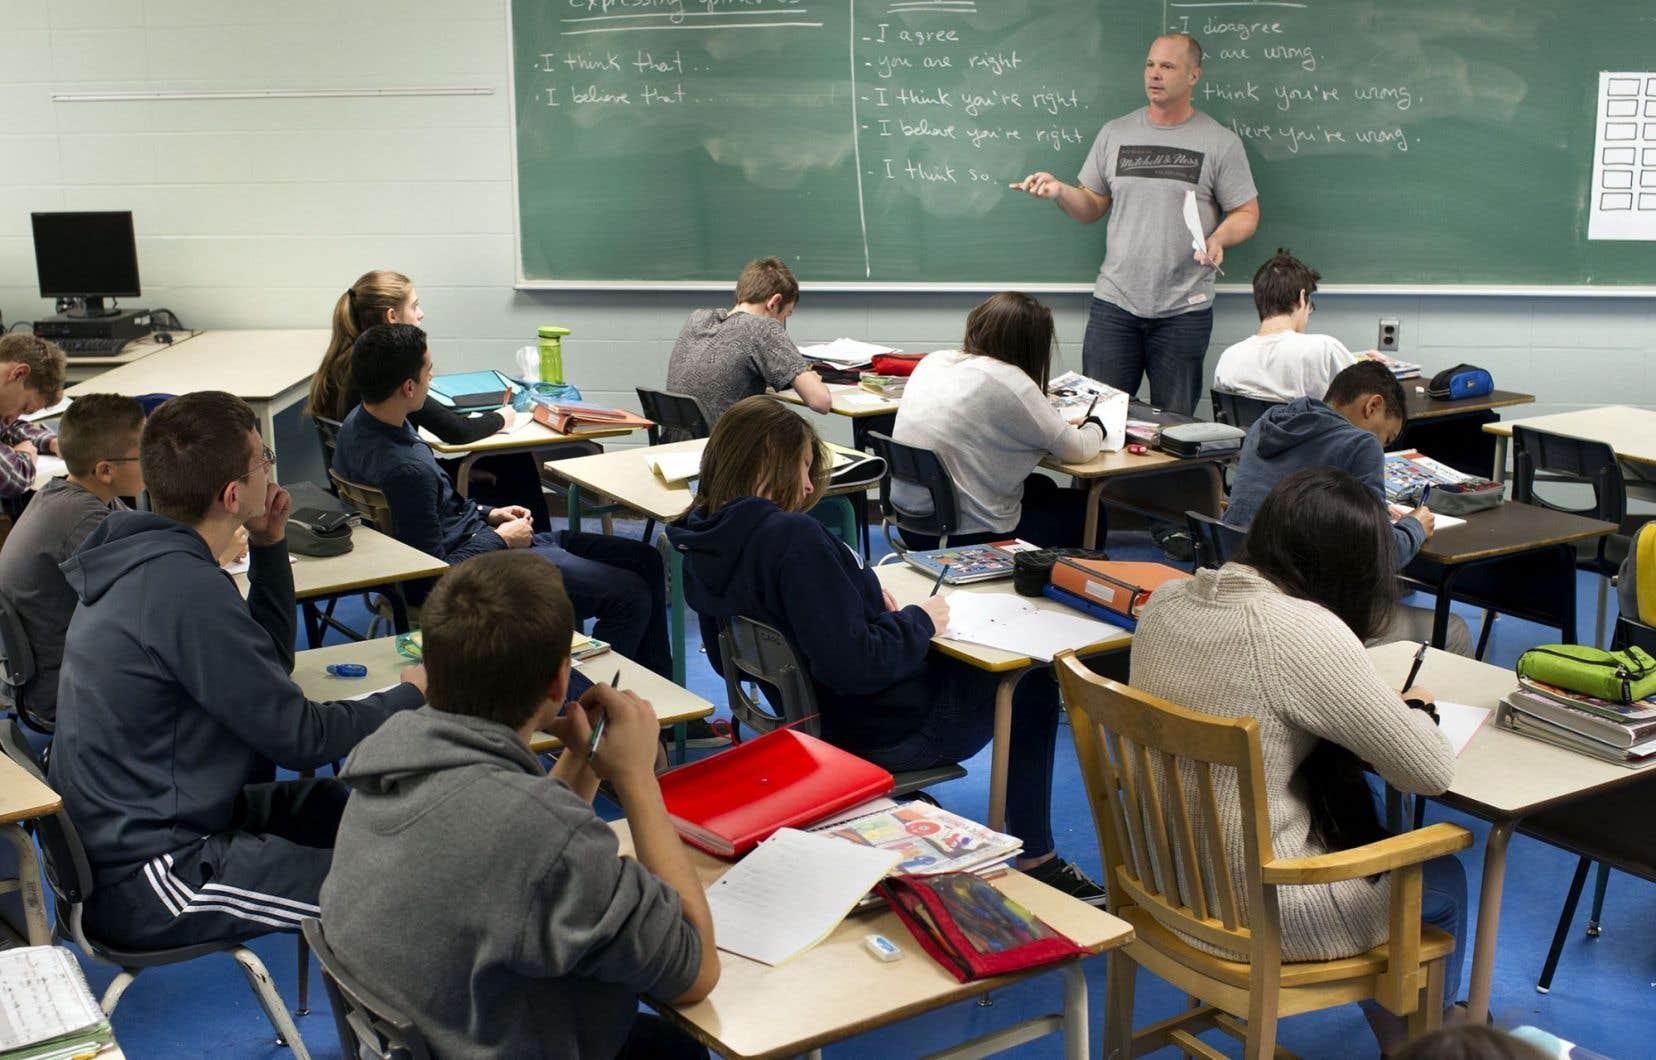 Des efforts ont été faits pour aider les écoles en milieu défavorisé depuis 50ans. «Mais ça n'a pas donné les effets escomptés», affirme Claude Lessard, ex-président du Conseil supérieur de l'éducation du Québec.